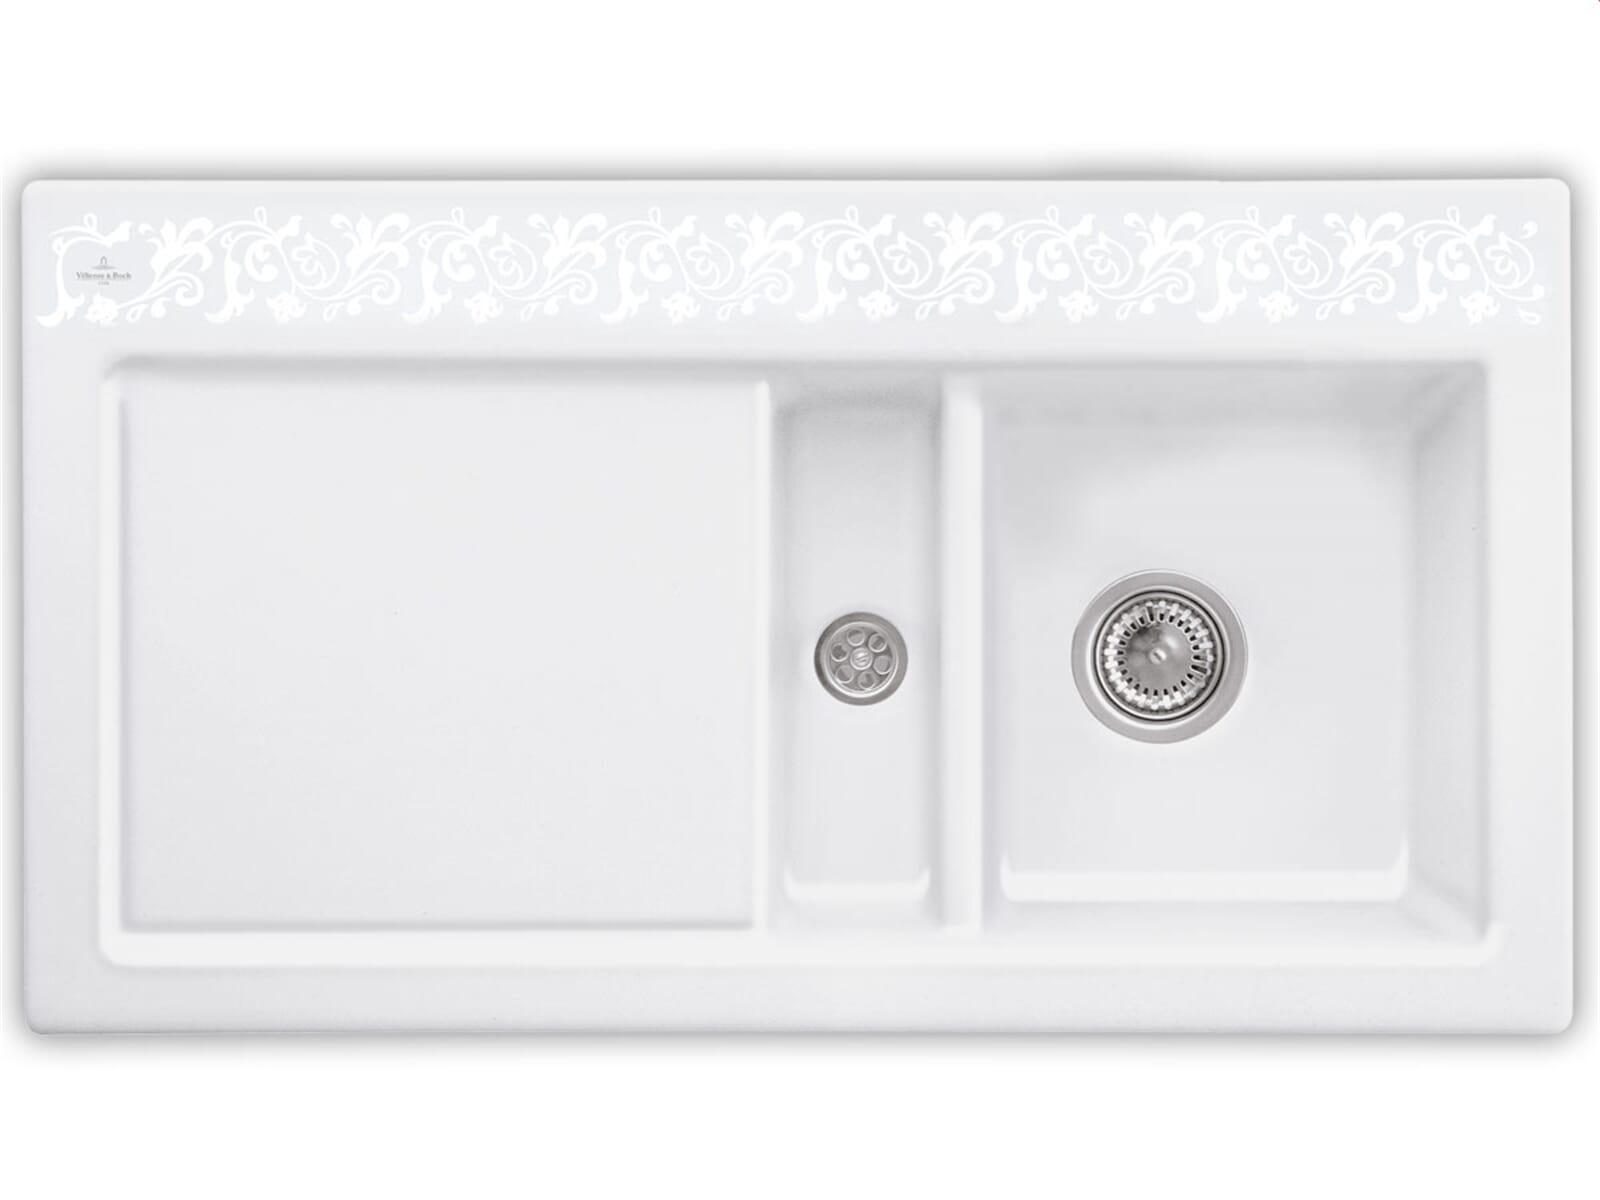 Villeroy & Boch Subway 50 White Pearl - 6713 01 KT Keramikspüle Handbetätigung